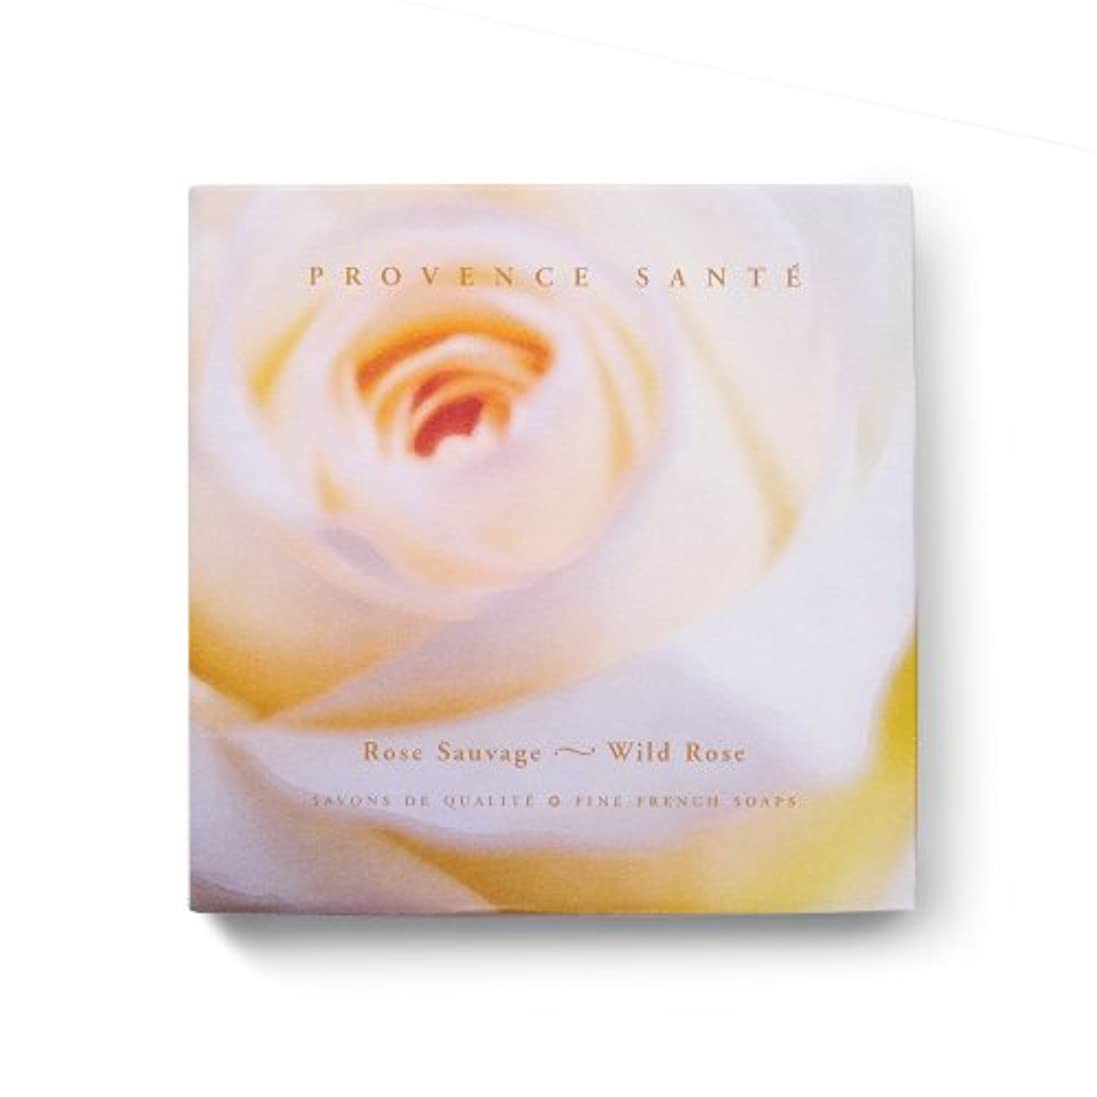 痴漢コンプリート求人Provence Sante PS Gift Soap Wild Rose, 2.7oz 4 Bar Gift Box by Provence Sante [並行輸入品]